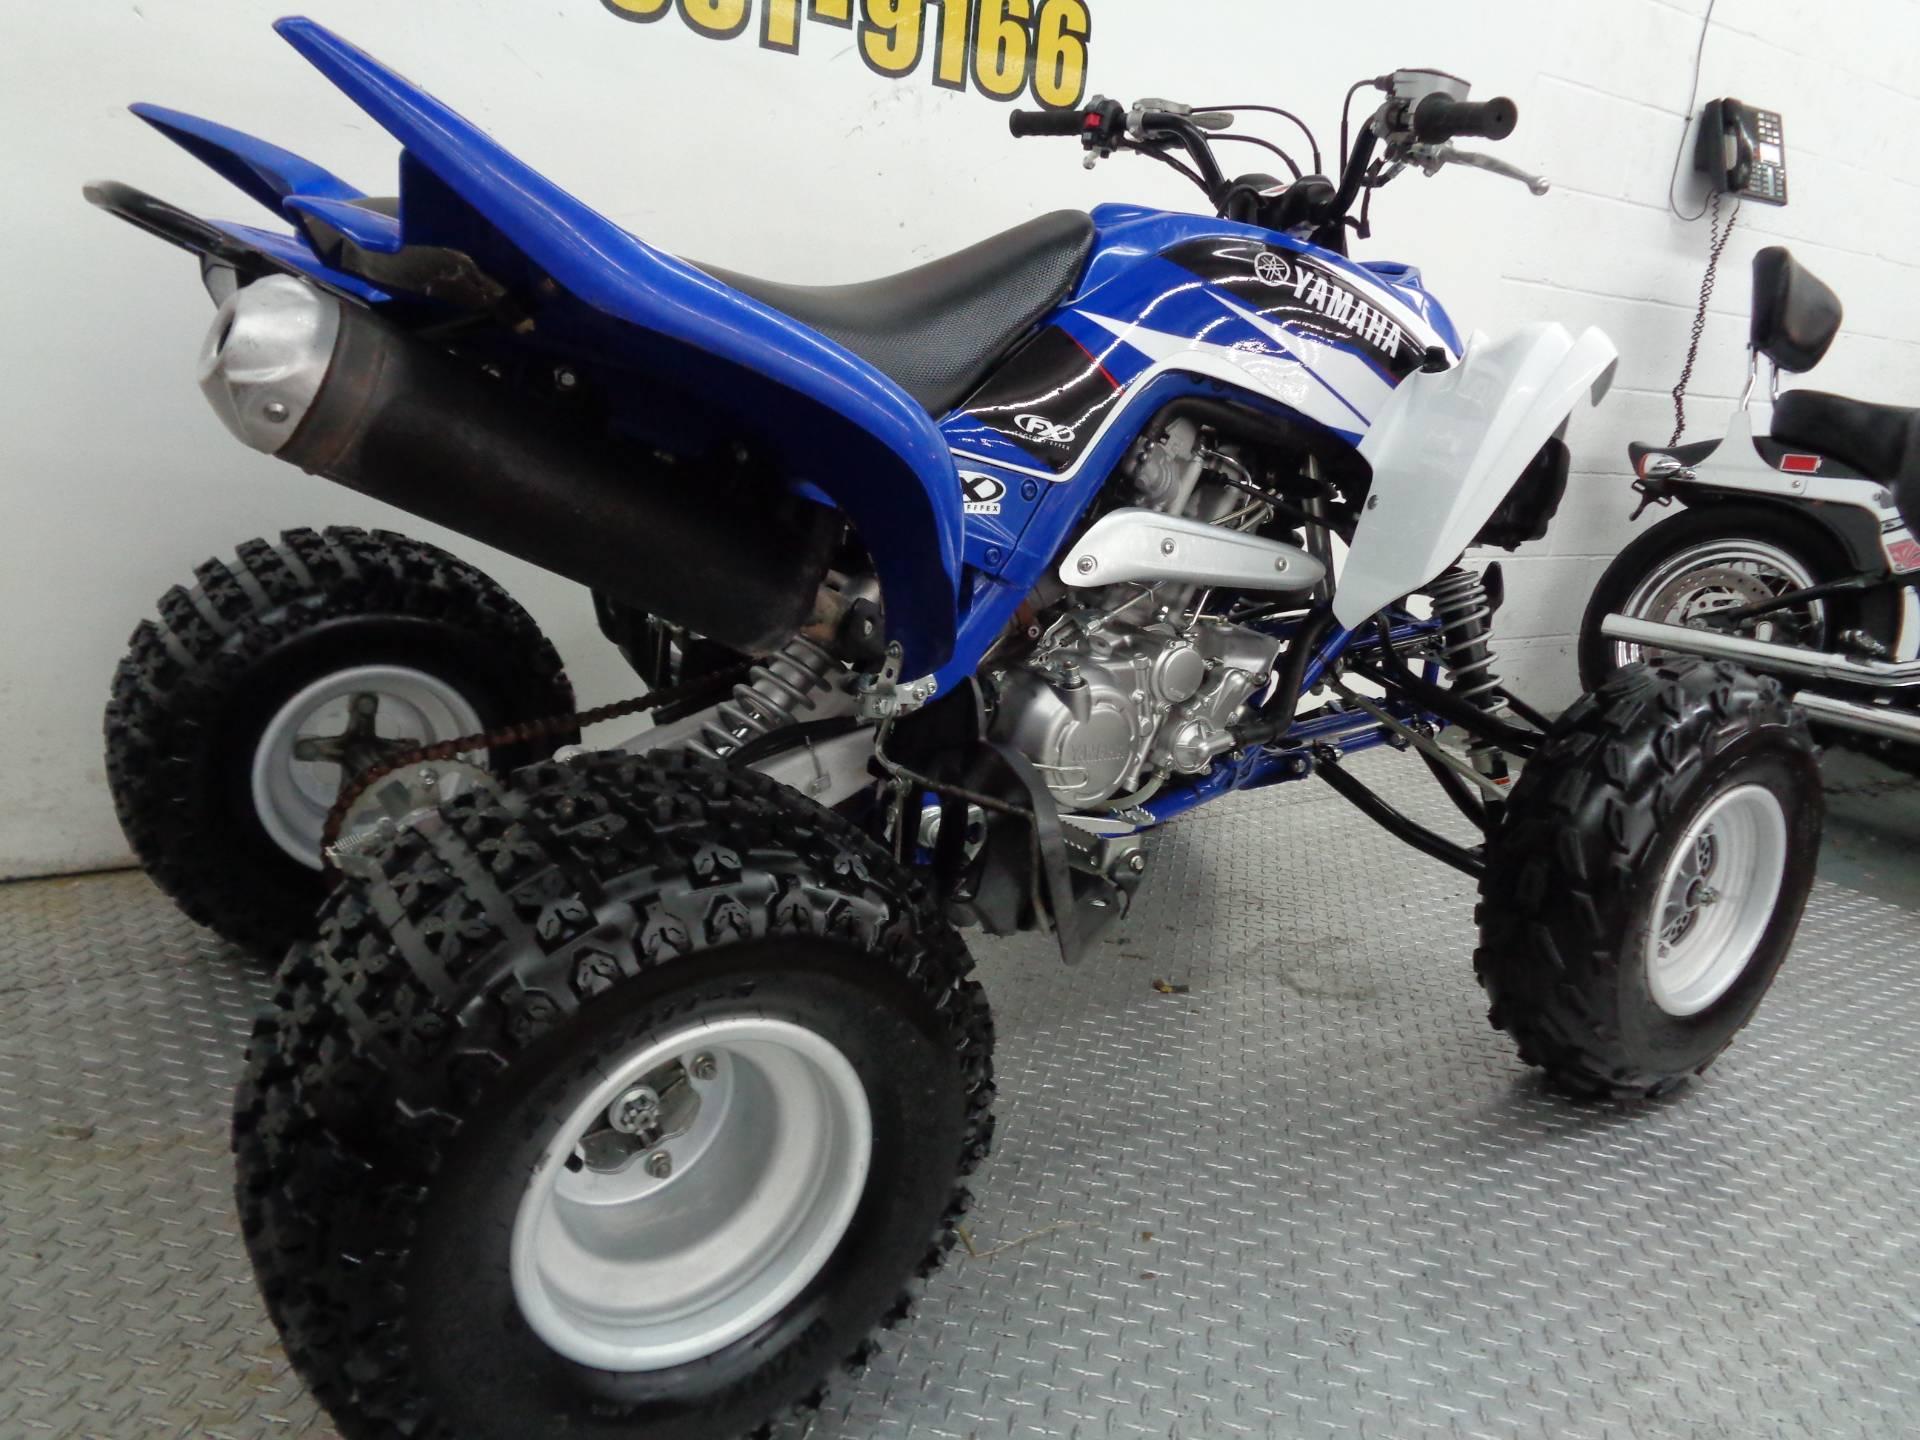 2015 Yamaha Raptor 700 4